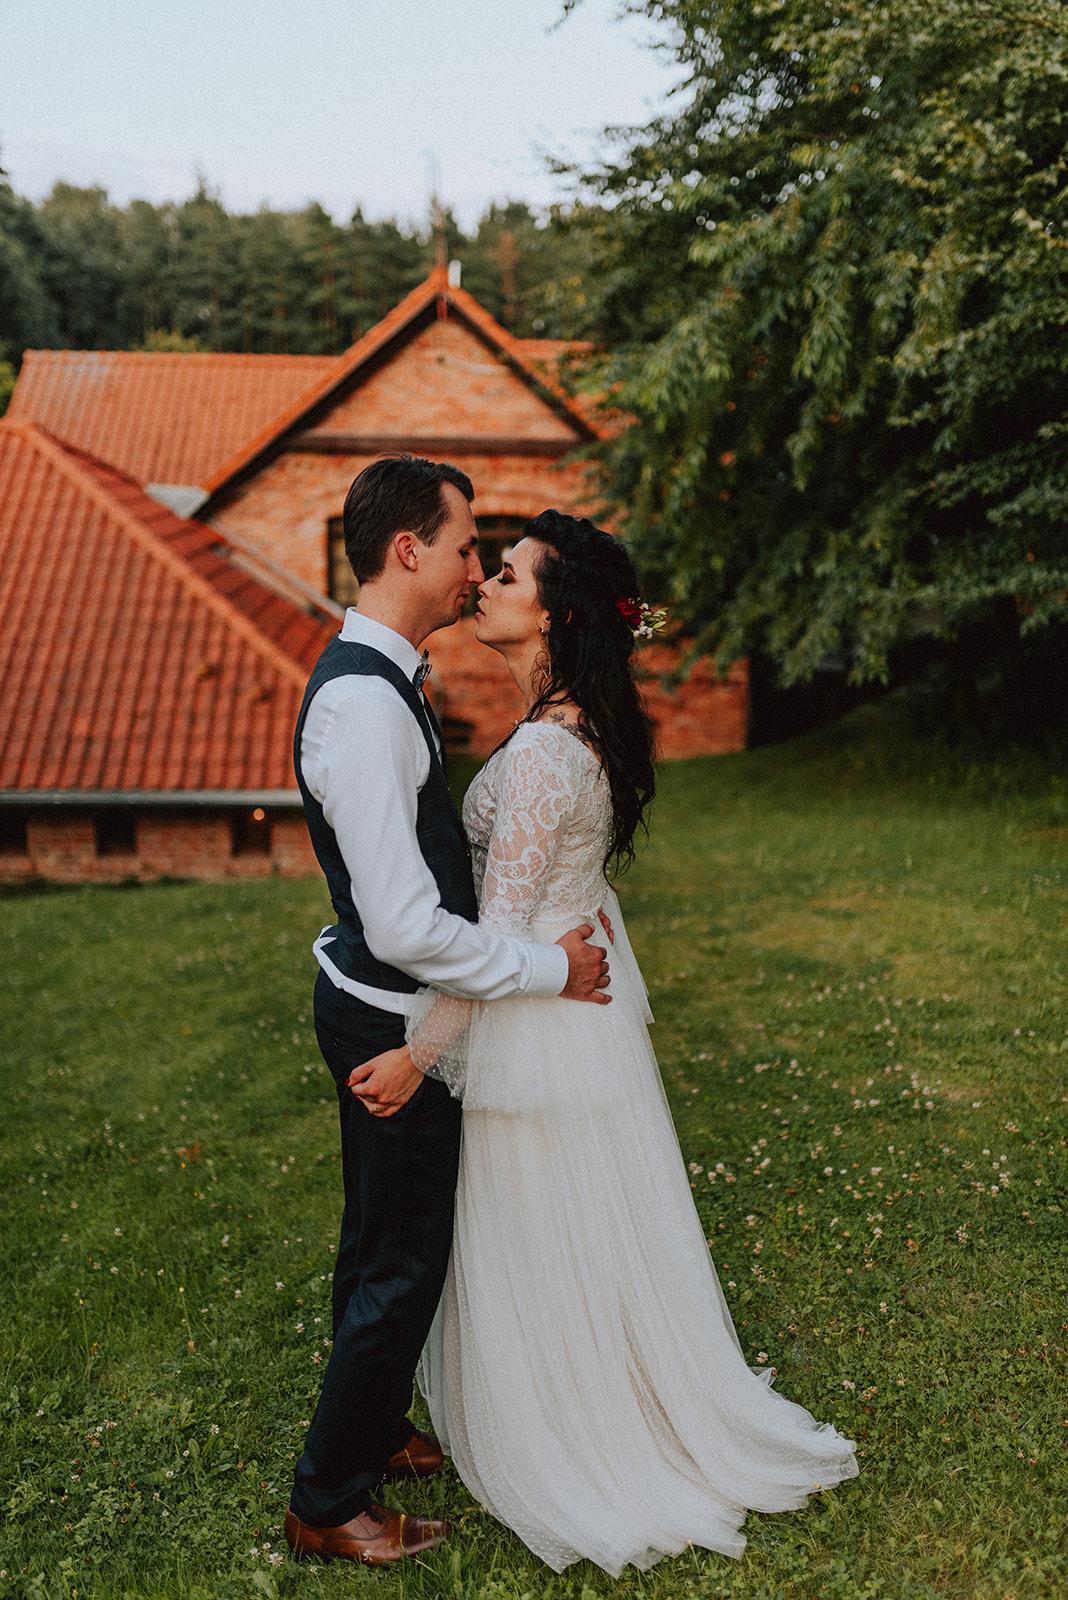 Baśniowy ślub w Tabunie | ceremonia w plenerze A+M 96 alebosco ania mateusz tabun 968